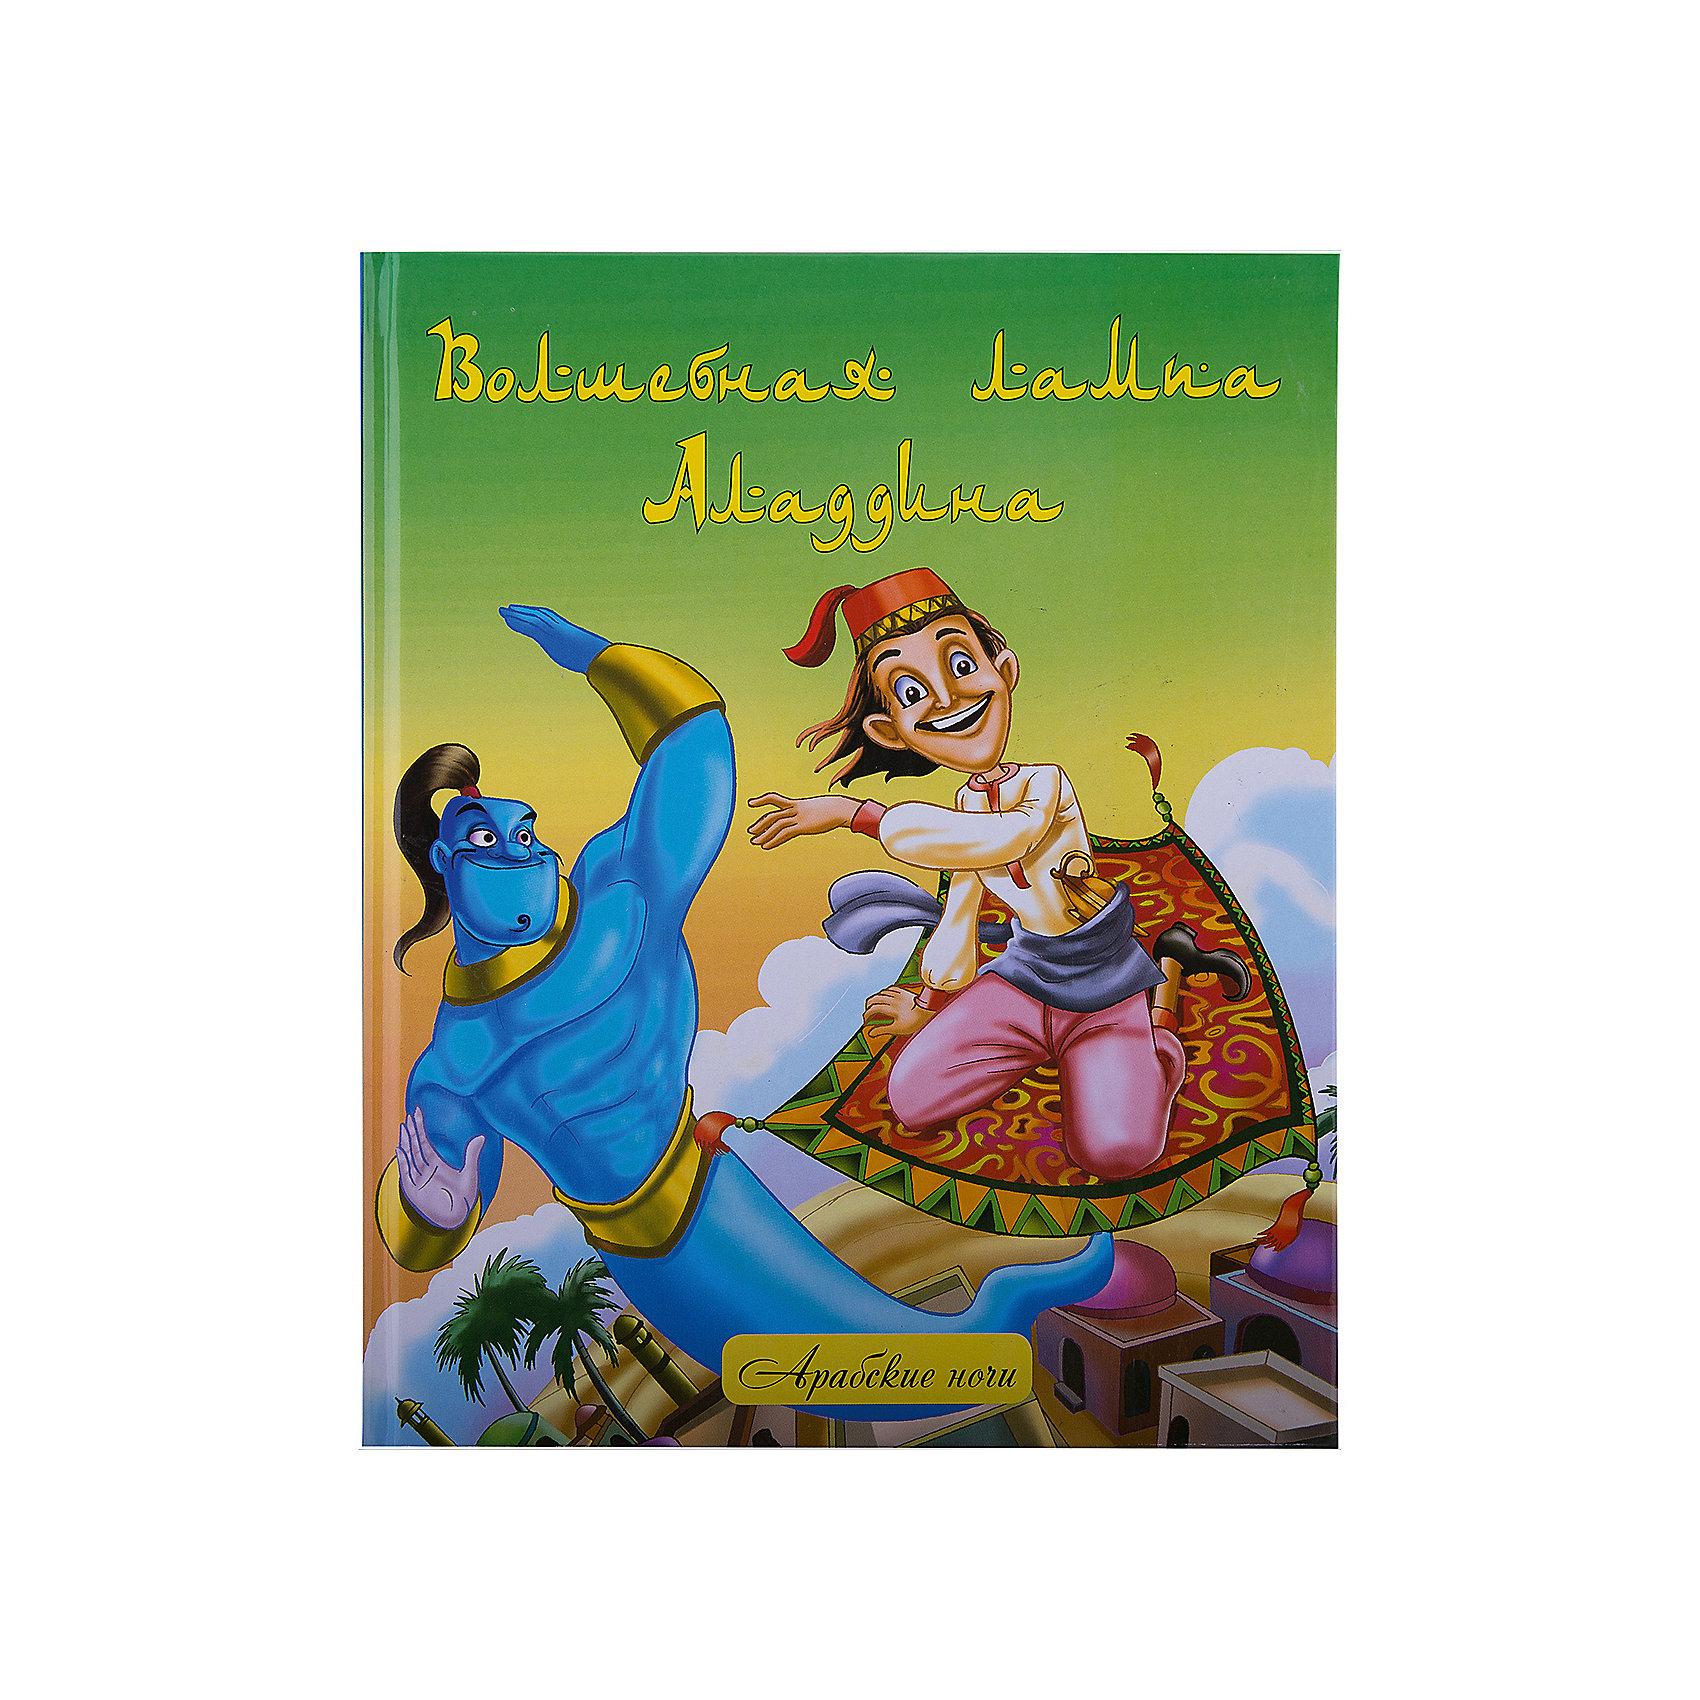 Волшебная лампа Аладдина: народные арабские сказкиЗарубежные сказки<br>Сказки для детей рождались во все времена и во всех частях света. Очередным представителем арабских сказок для детей является история «Волшебная лампа Алладина». Она расскажет о путешествии мальчишки-сорванца в подземное царство и последующих за этим происшествиях. <br><br>Сказка «Волшебная лампа Алладина» входит в сборник рассказов «Тысяча  и одна ночь». «Волшебная лампа Алладина» — фольклорное произведение, полное загадок и тайн,  приоткроет Вам дверь в страну арабской культуры и ментальности.<br><br>Книга непременно понравится Вашему ребенку, увлекая его в мир волшебства и приключений!<br><br>Ширина мм: 75<br>Глубина мм: 16<br>Высота мм: 90<br>Вес г: 353<br>Возраст от месяцев: 72<br>Возраст до месяцев: 120<br>Пол: Унисекс<br>Возраст: Детский<br>SKU: 2601154